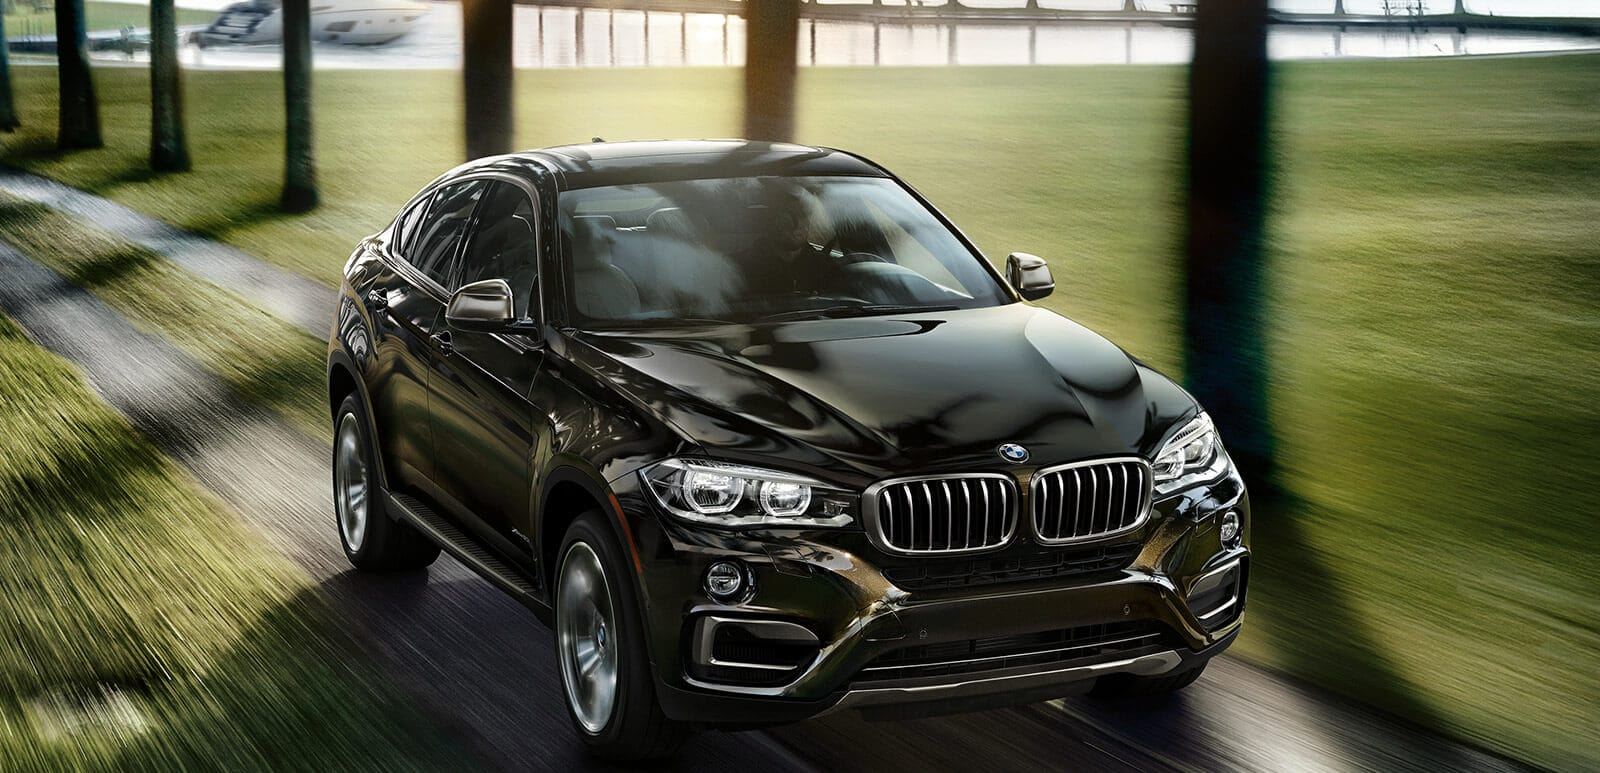 2018 BMW X6 vs 2018 Dodge Journey in Schererville, IN